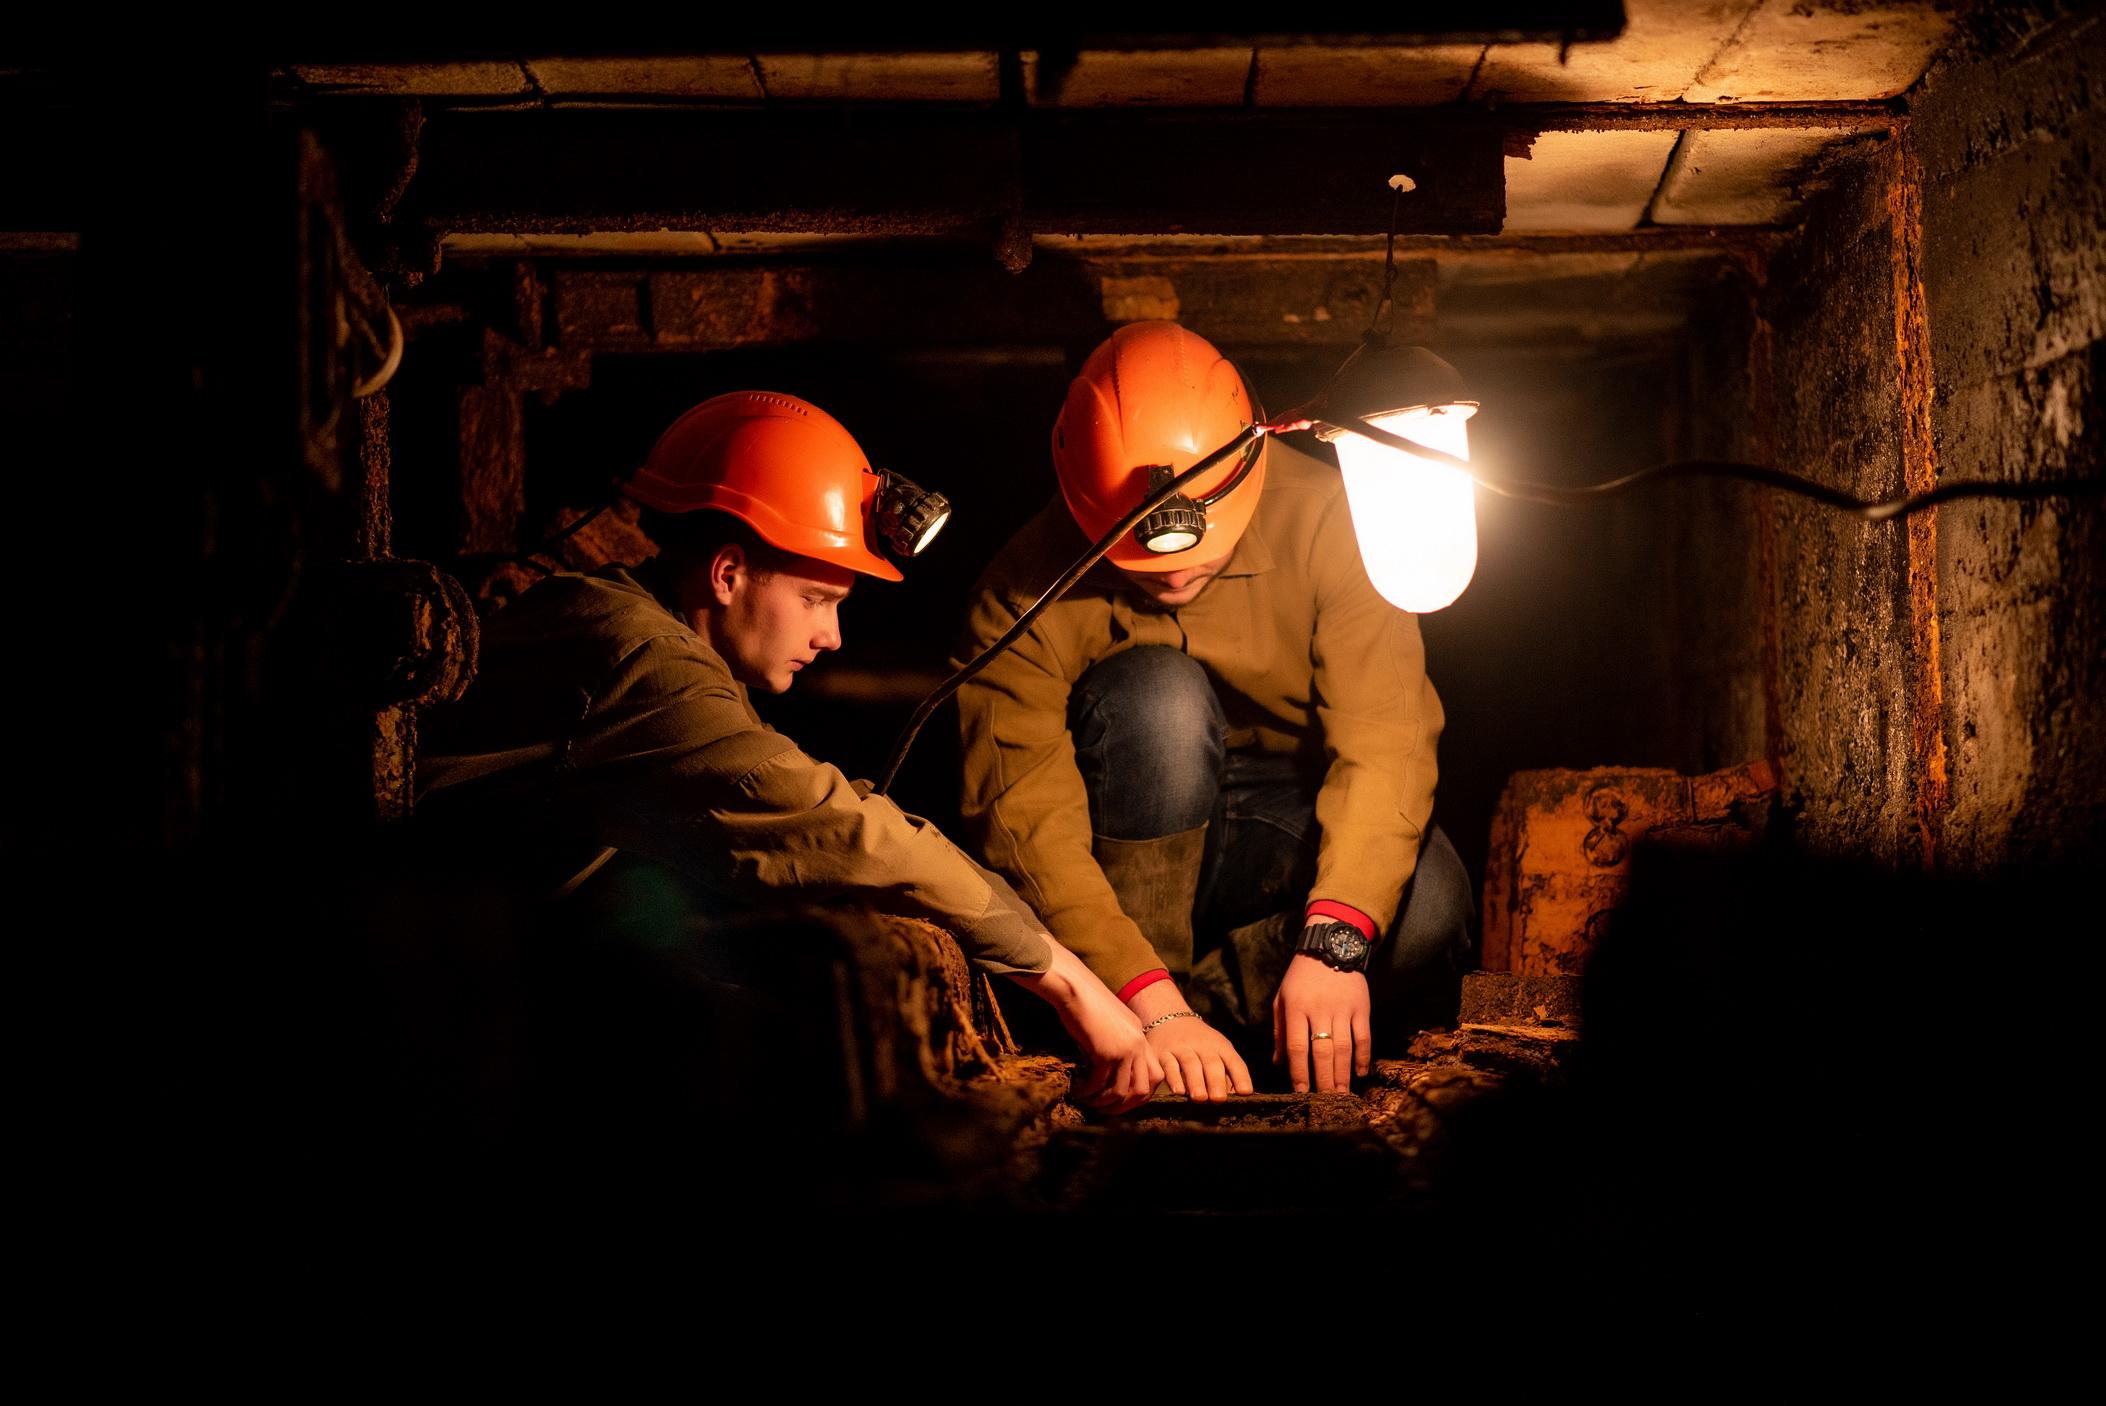 шахты, закрытие шахт в Украине, горная промышленность, уголь, Министерство энергетики Украины, Министерство образования Украины, горняки,  экология. горный инженер, маркшейдер, горный механик, горное дело